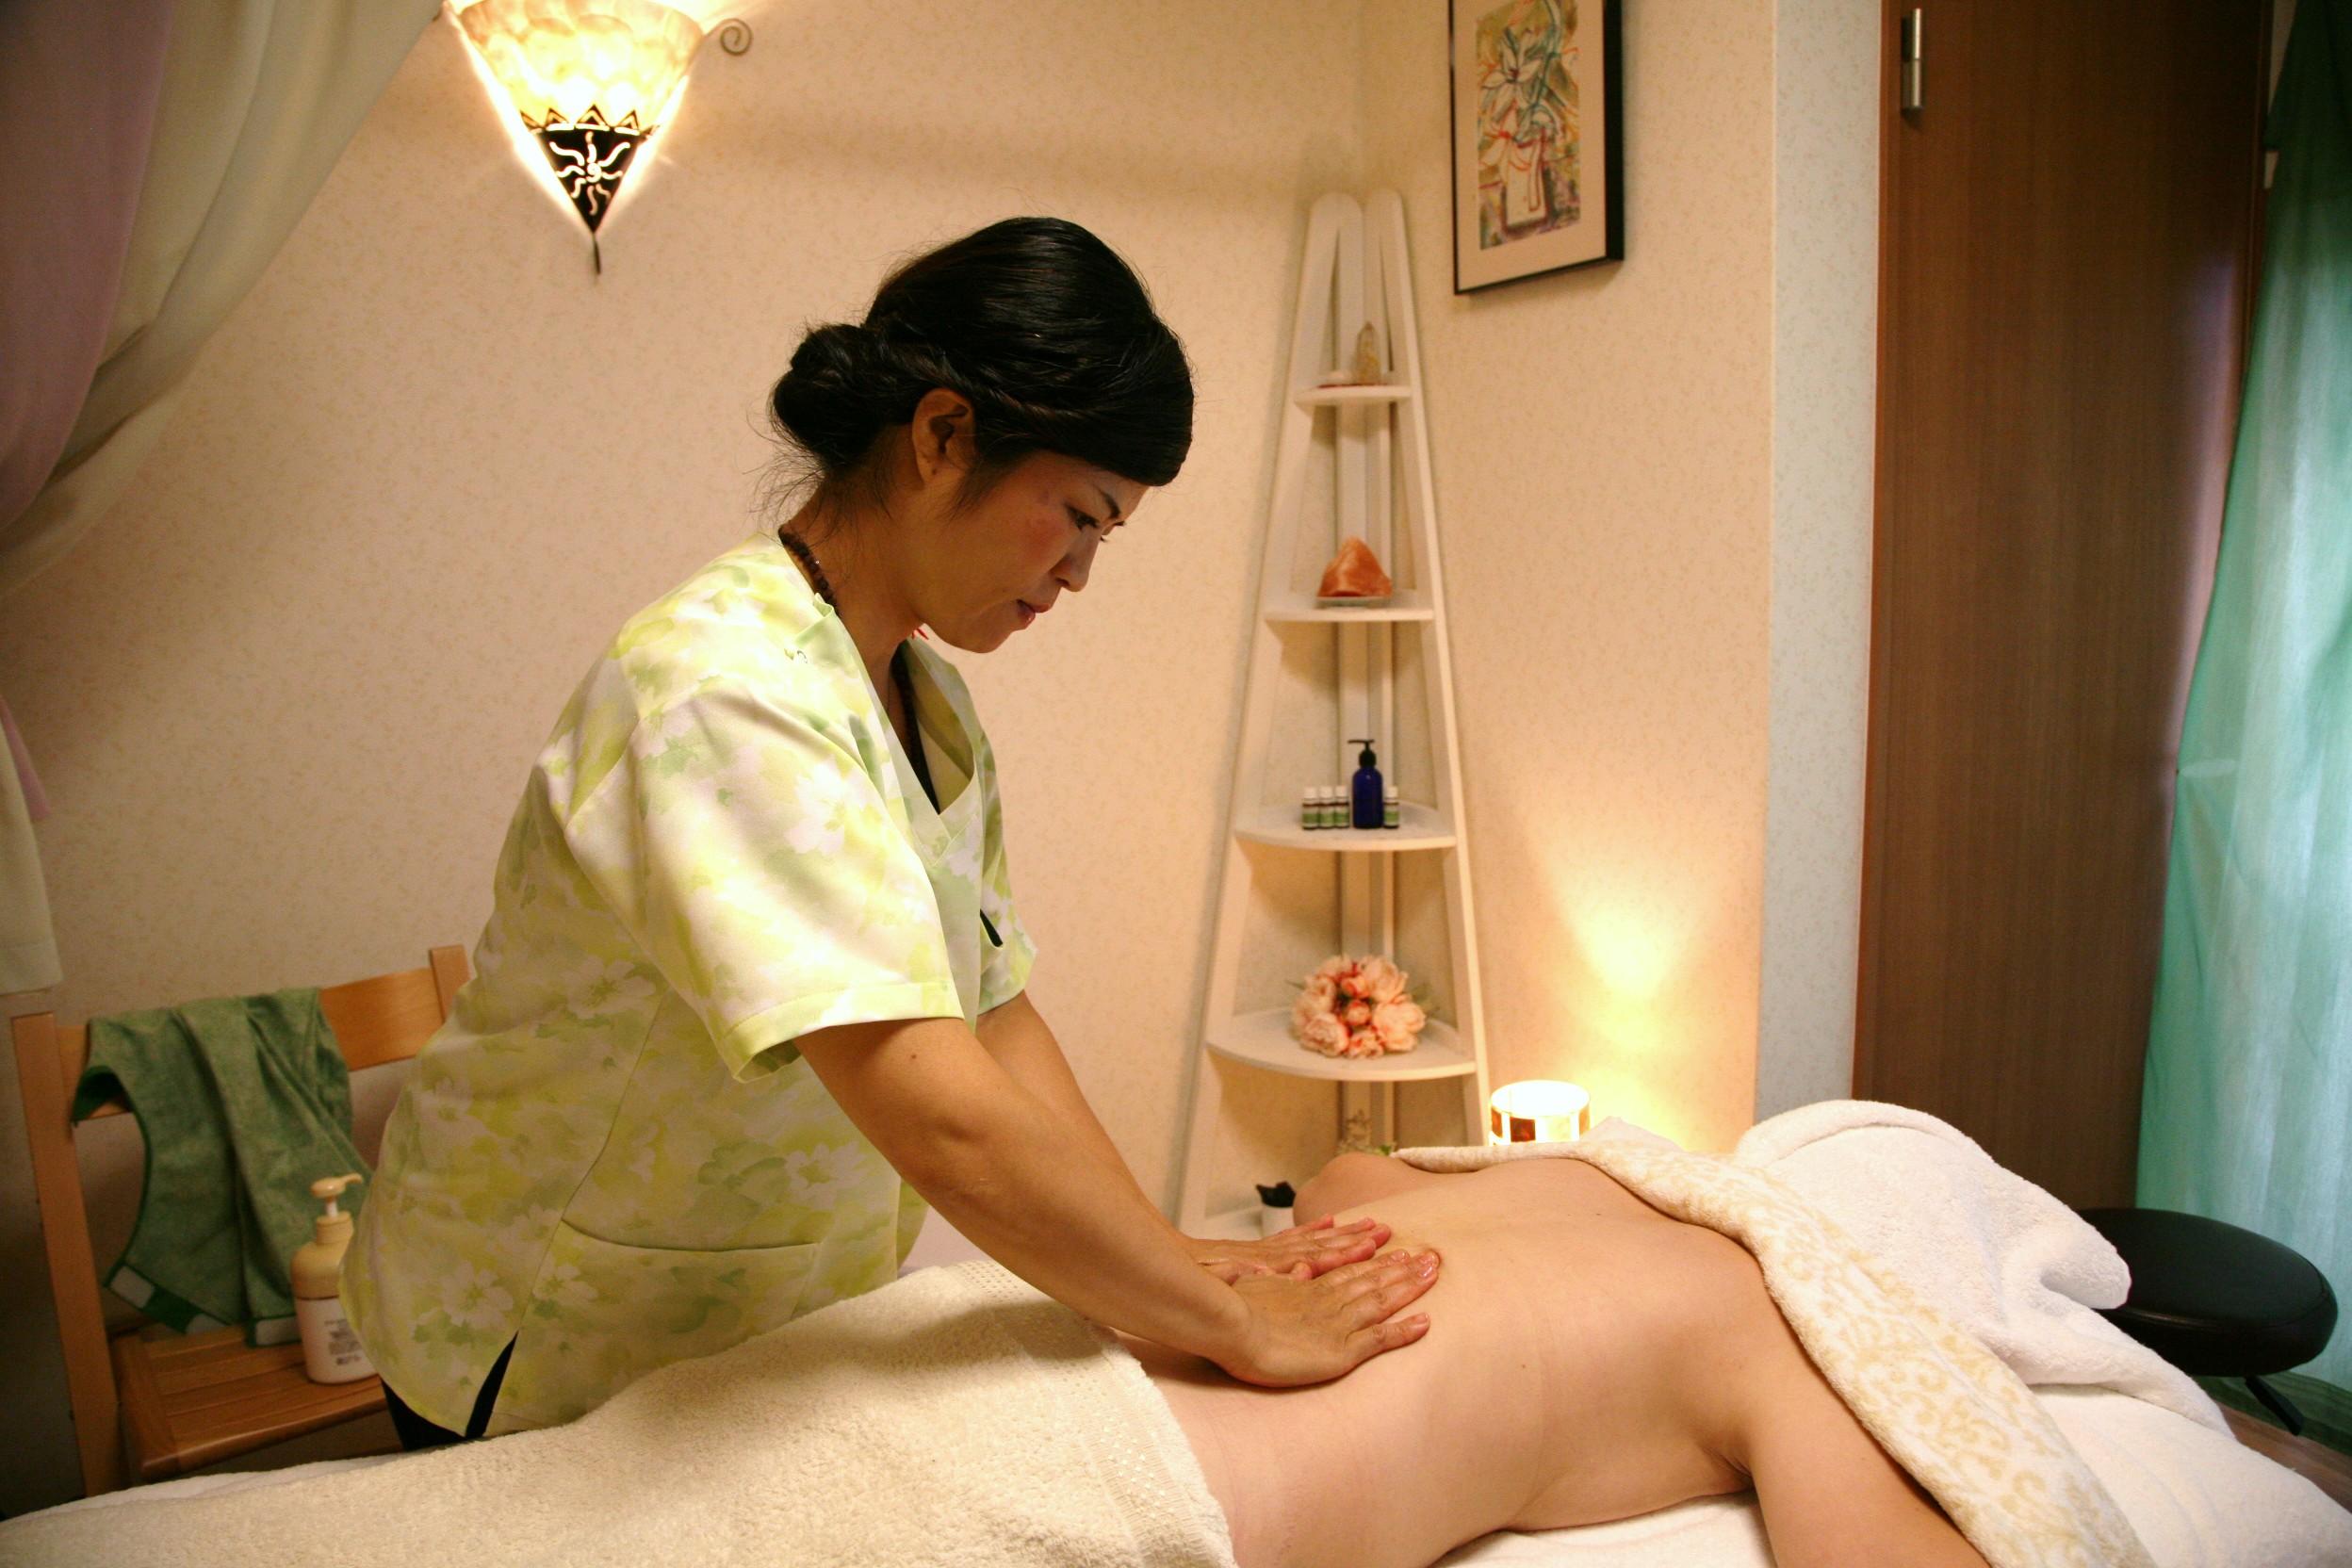 ハミングの女性ホルモンの施術内容